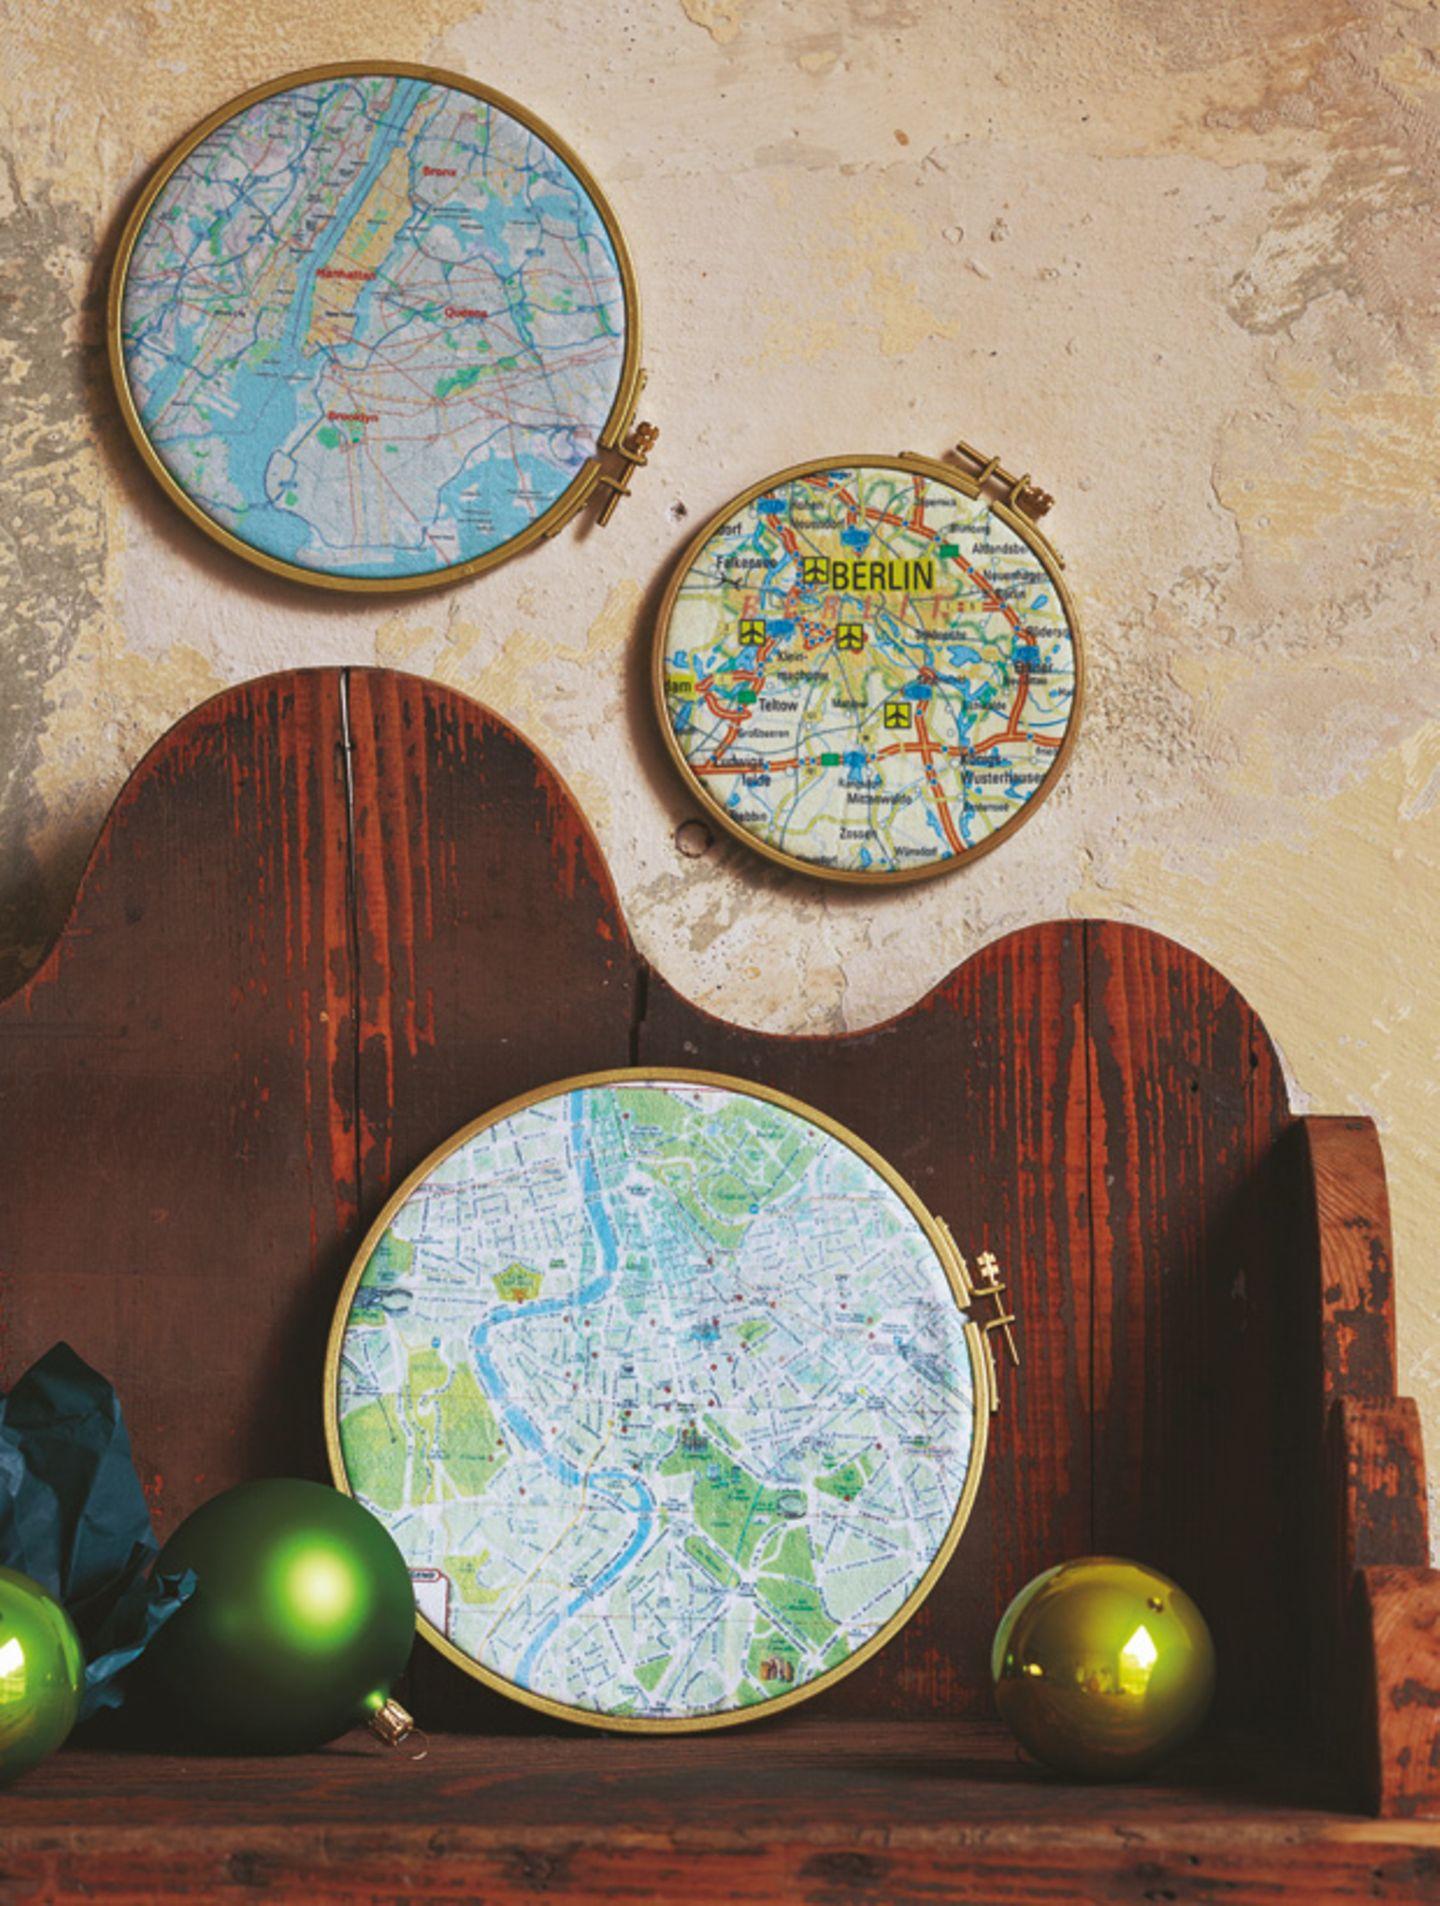 Reisegutscheine basteln, Urlaubsfreude verschenken